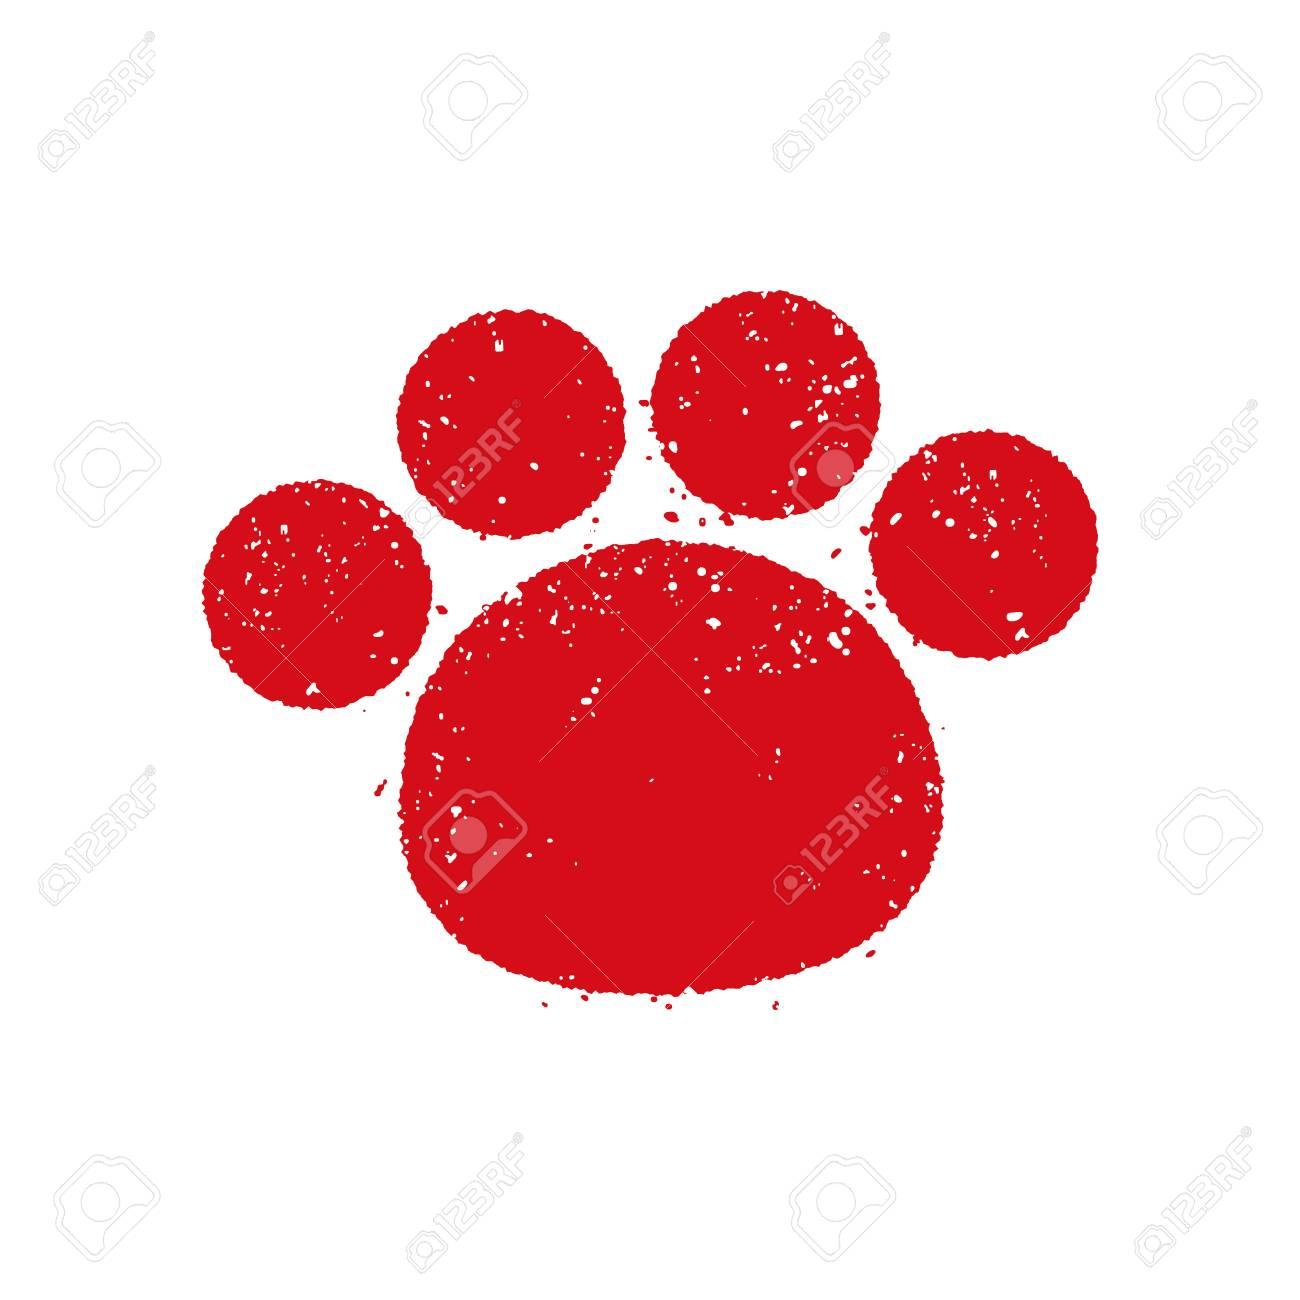 Dog footstep greeting stamp mark - 91383872